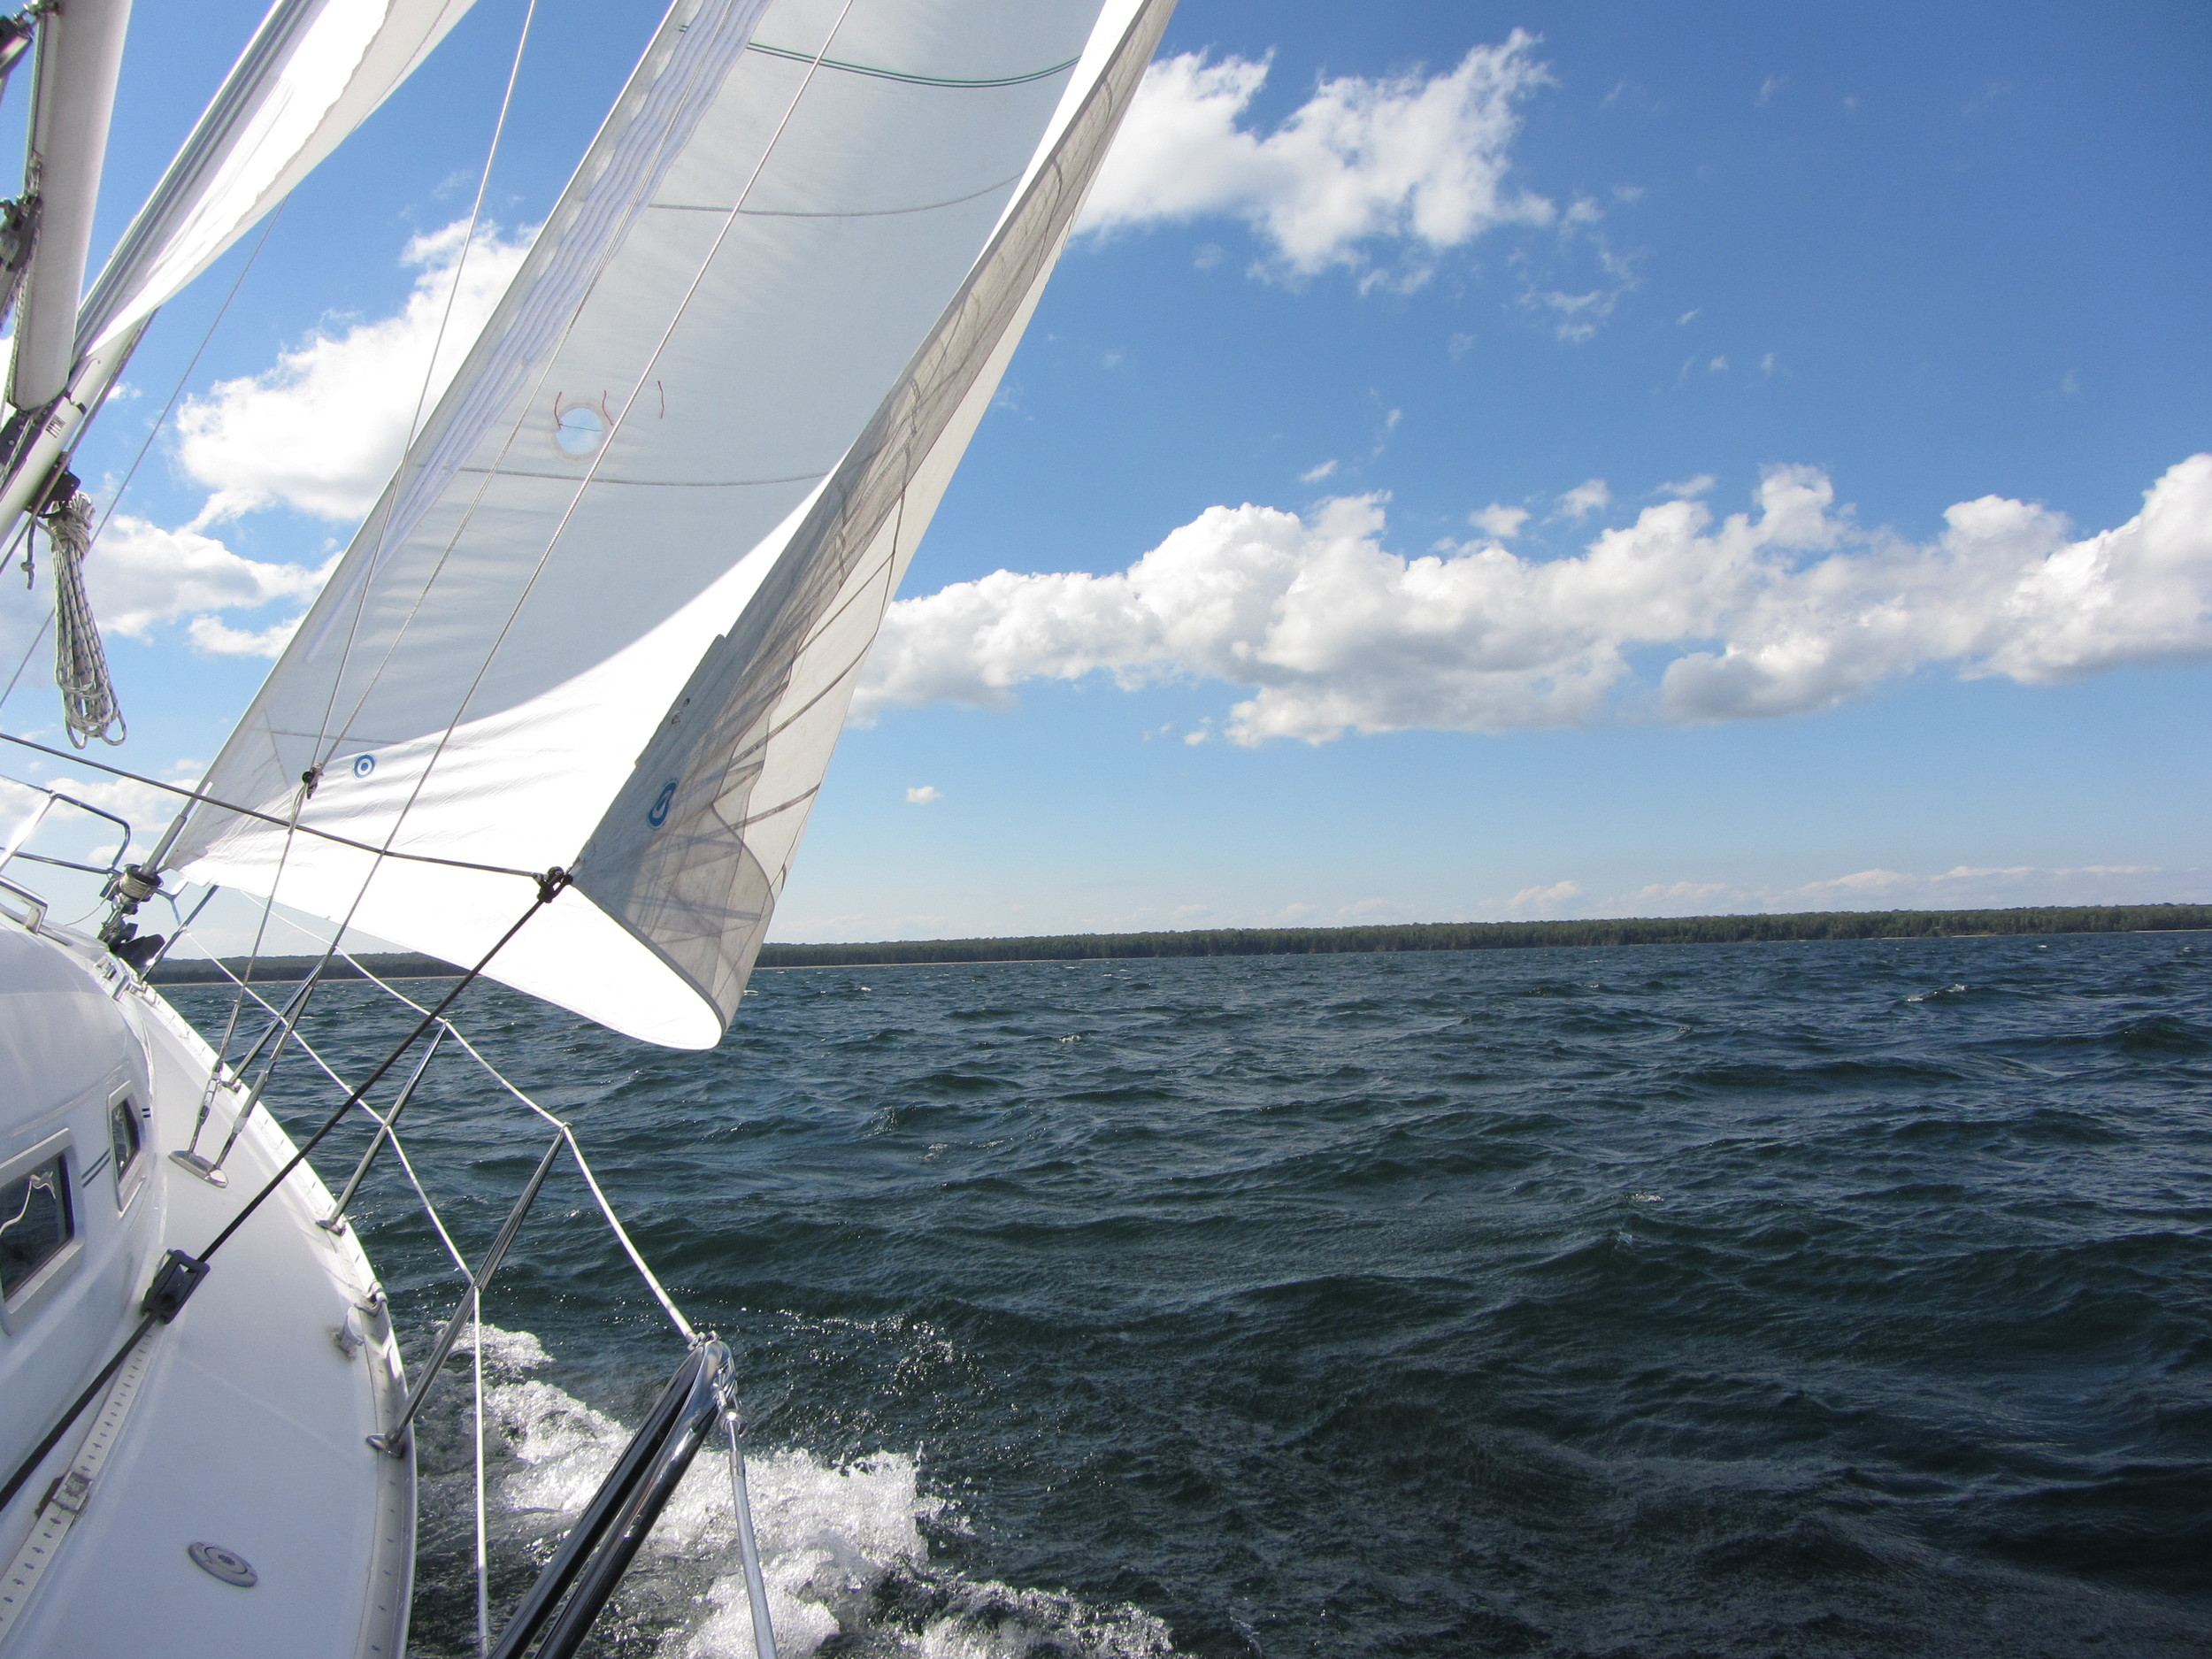 sail on water.JPG